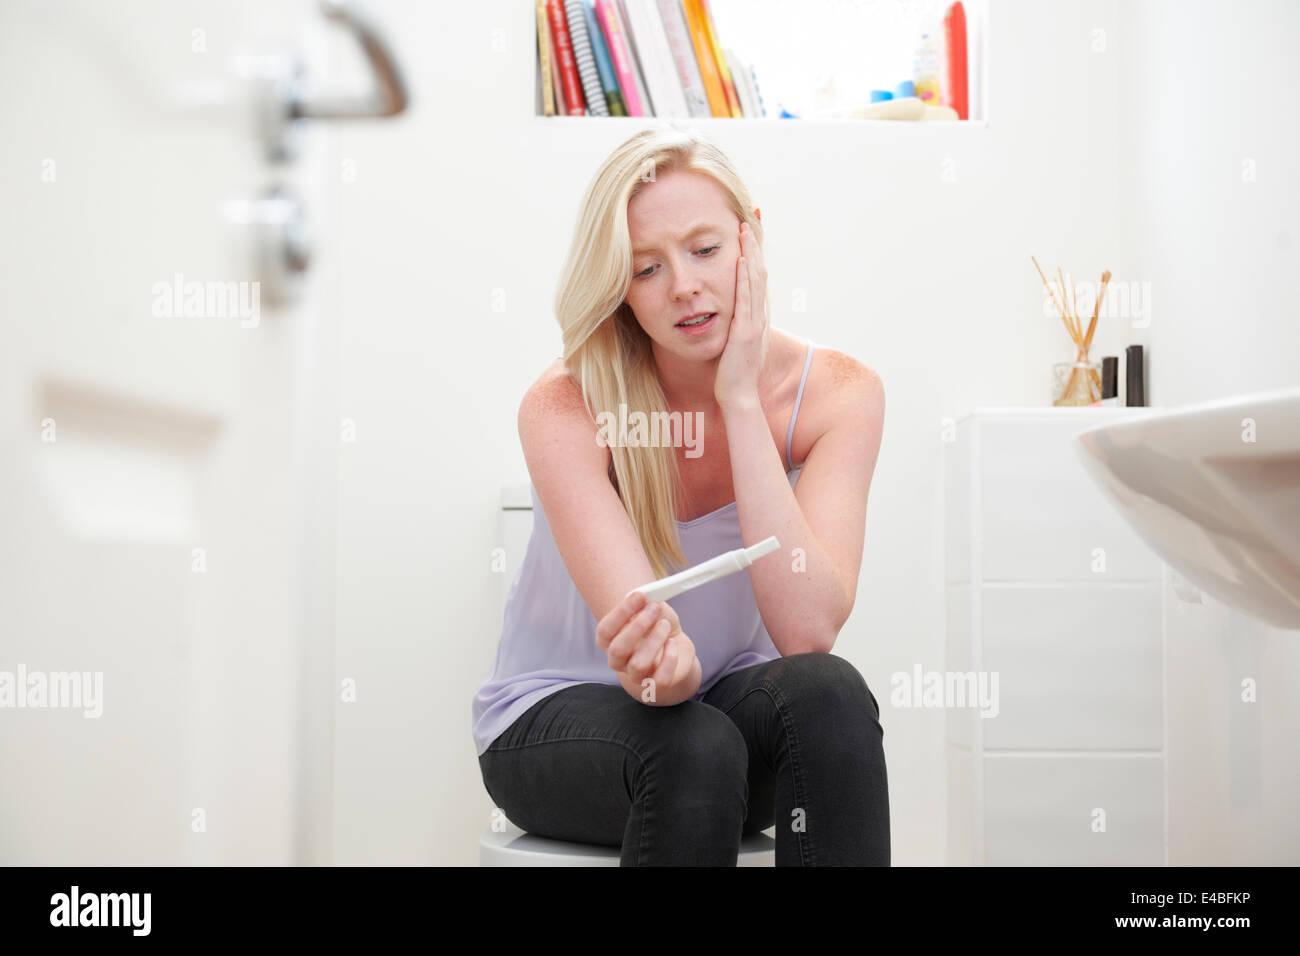 Preoccupato ragazza adolescente seduto in bagno con test di gravidanza Foto Stock